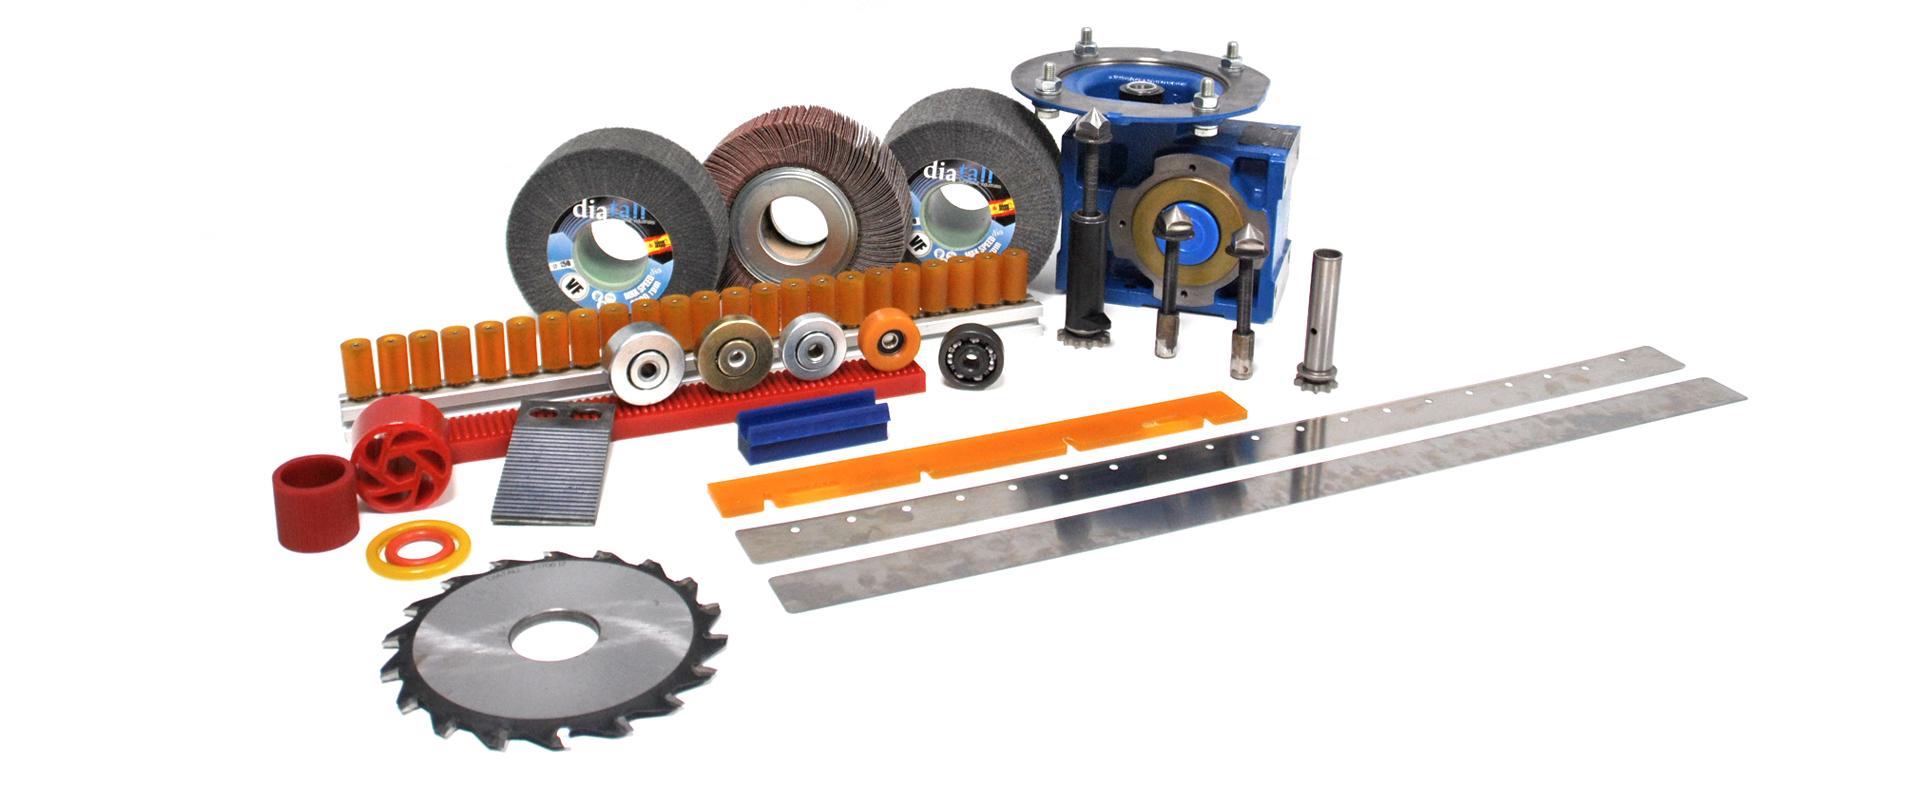 diatall-cat-suministros-industriales